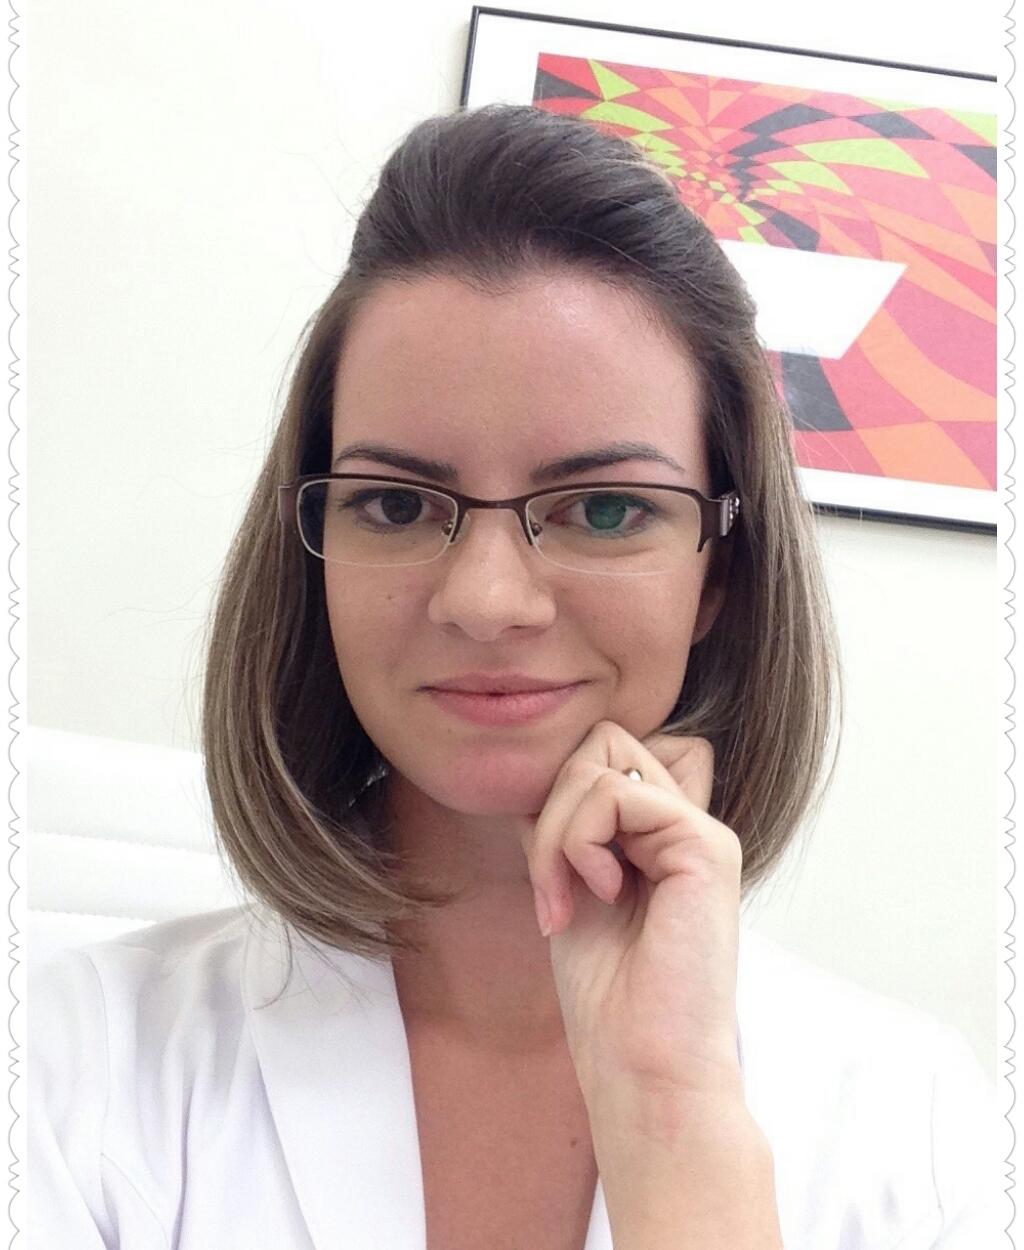 http://clinicahumaire.com.br/wp-content/uploads/2016/08/Julie-Dermopigmentadora.jpg